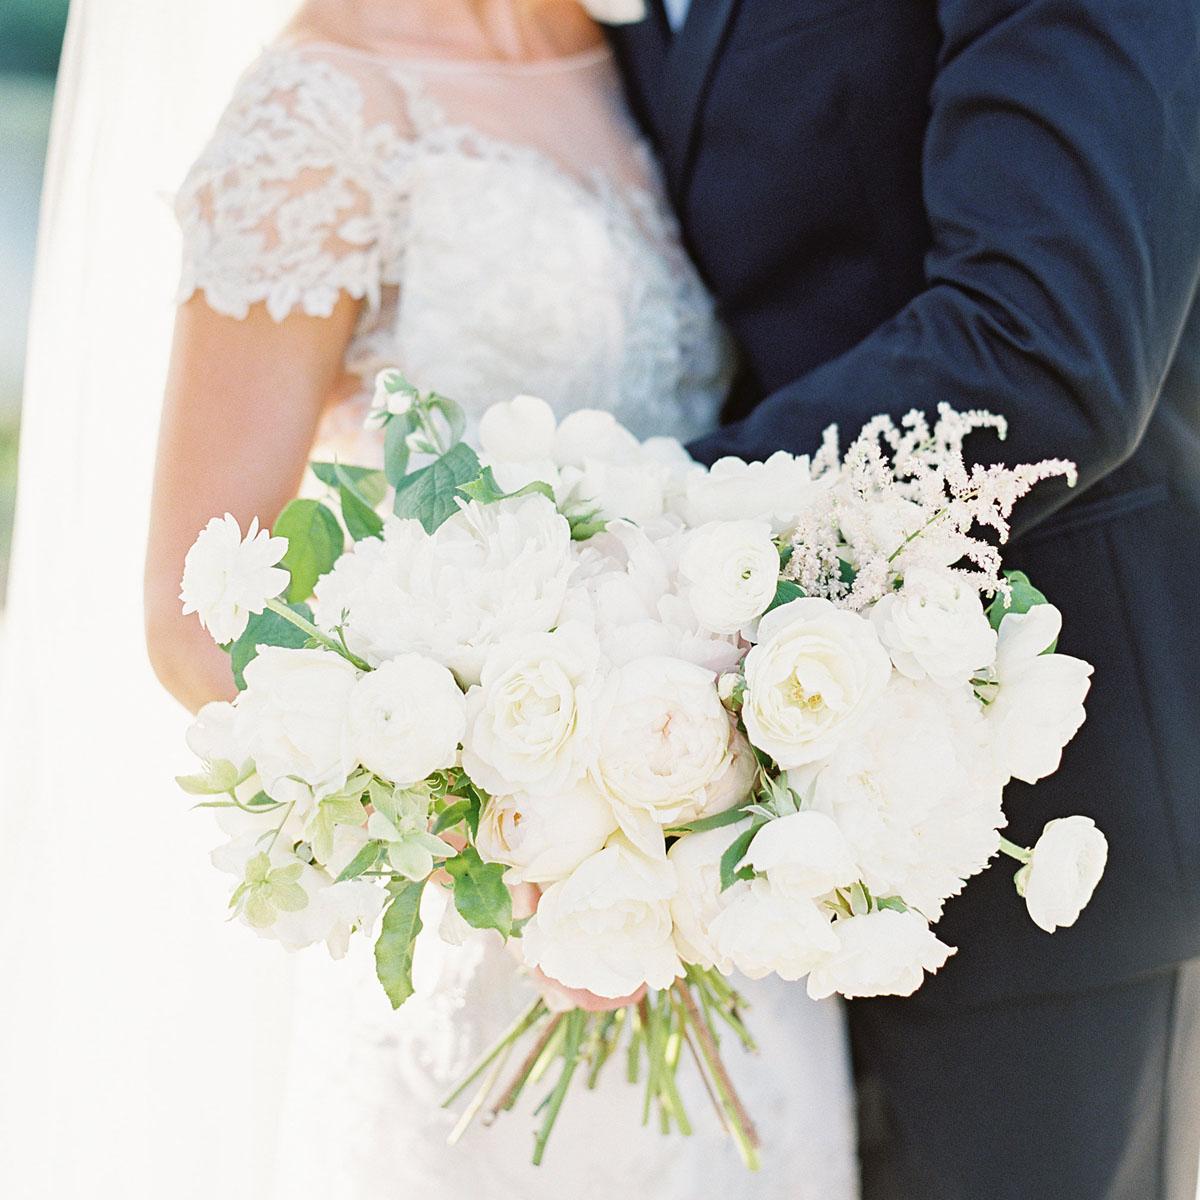 sprout-wedding-plantation-1a.jpg